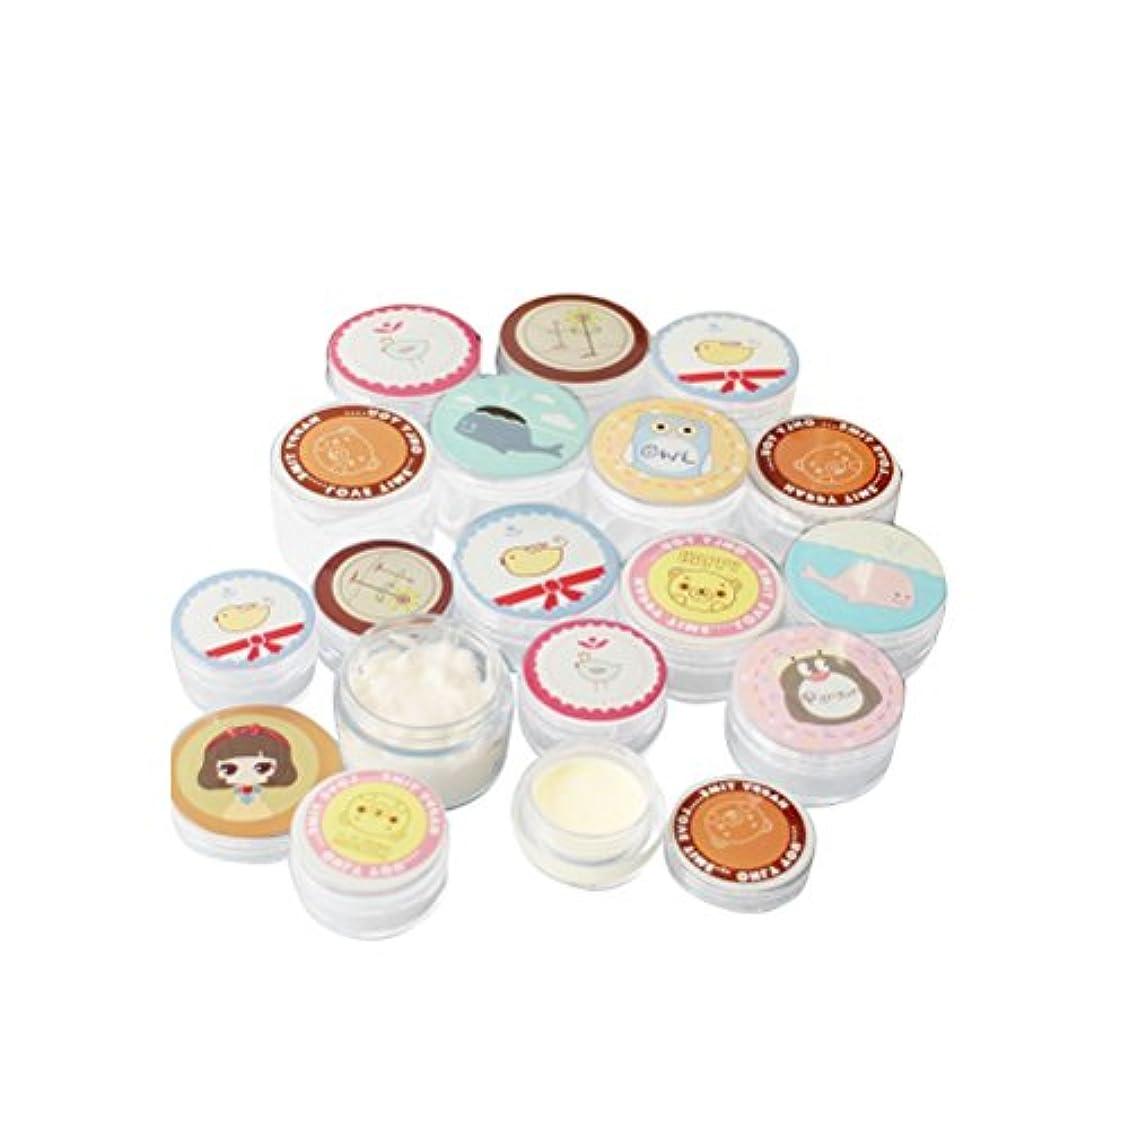 (メイクアップエーシーシー) MakeupAcc小分け容器 化粧品 クリーム 軟膏 空容器 キャップミニ缶 2個入り スティック セット 15g 22g 27g (S) [並行輸入品]